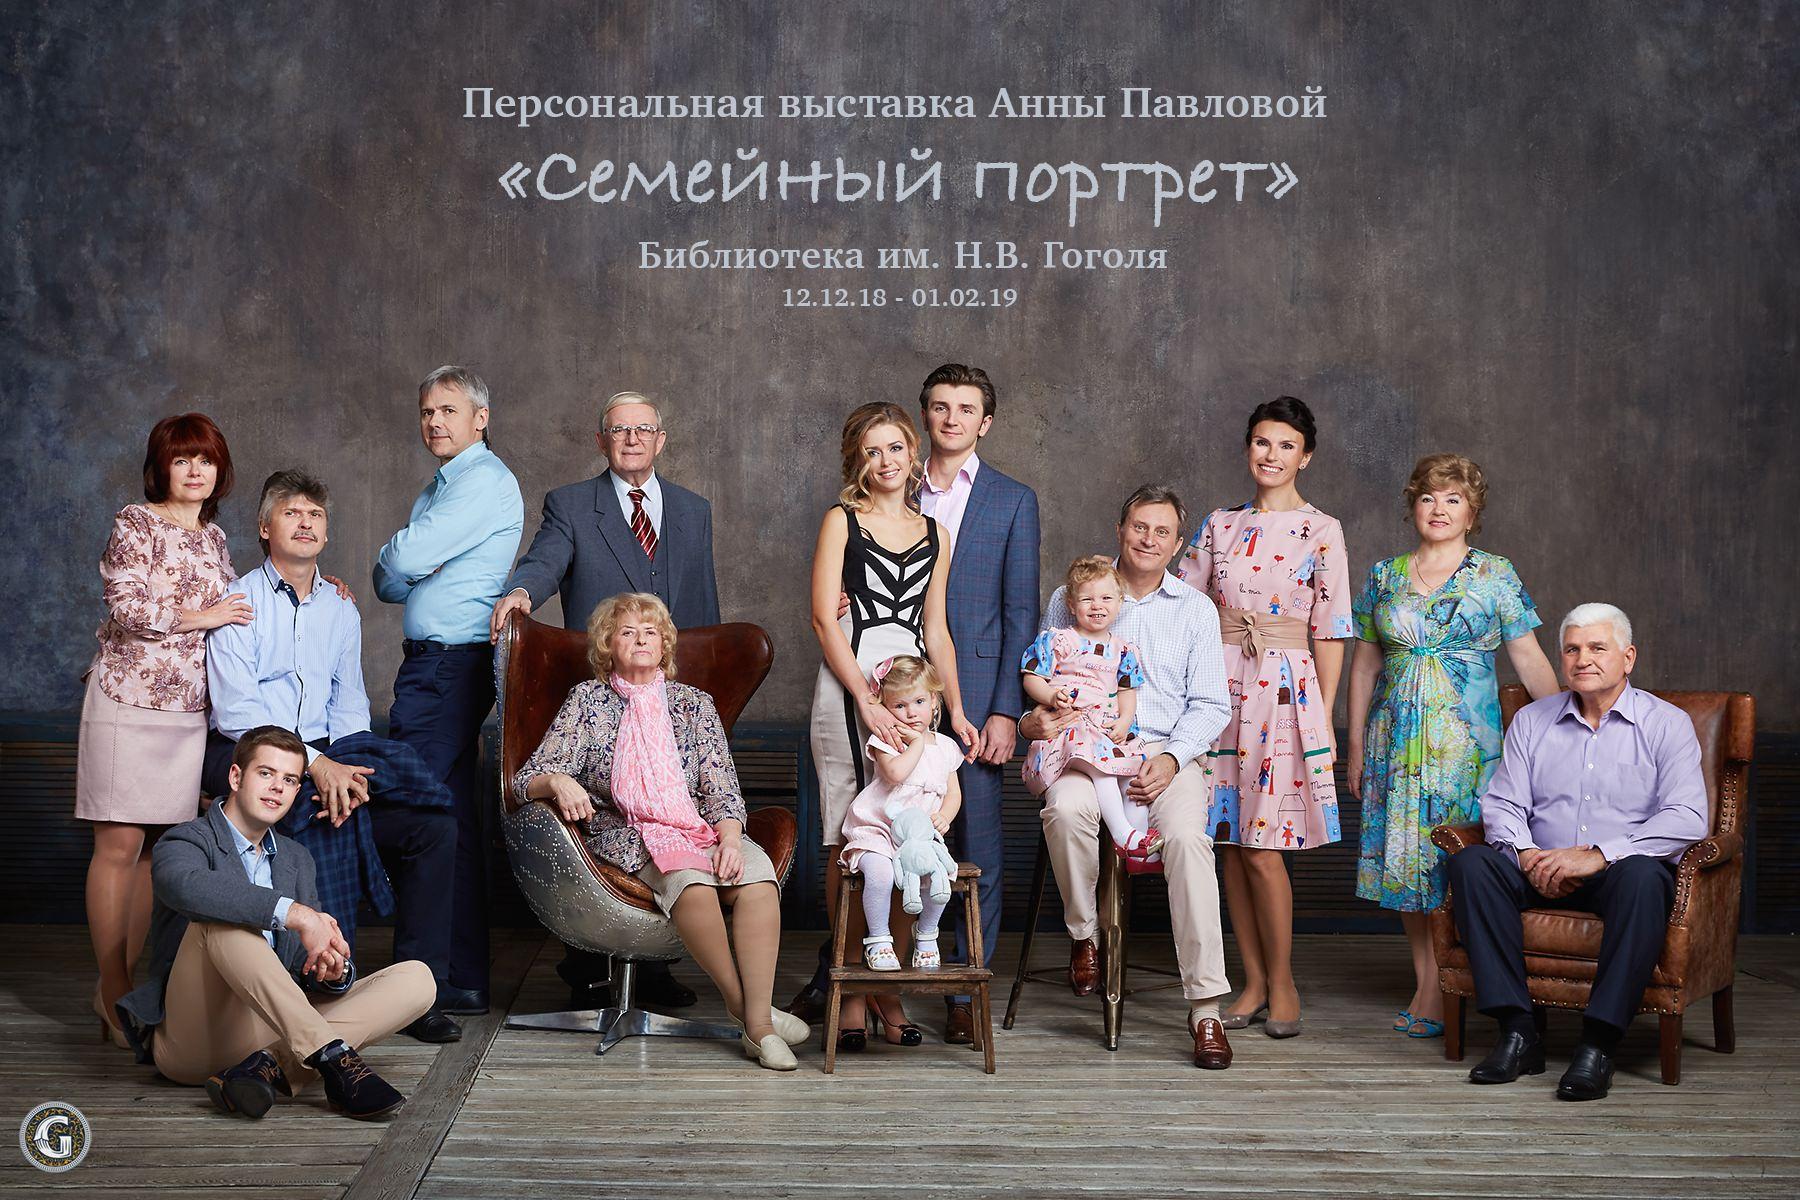 Фото-выставка Анны Павловой «Семейный портрет»